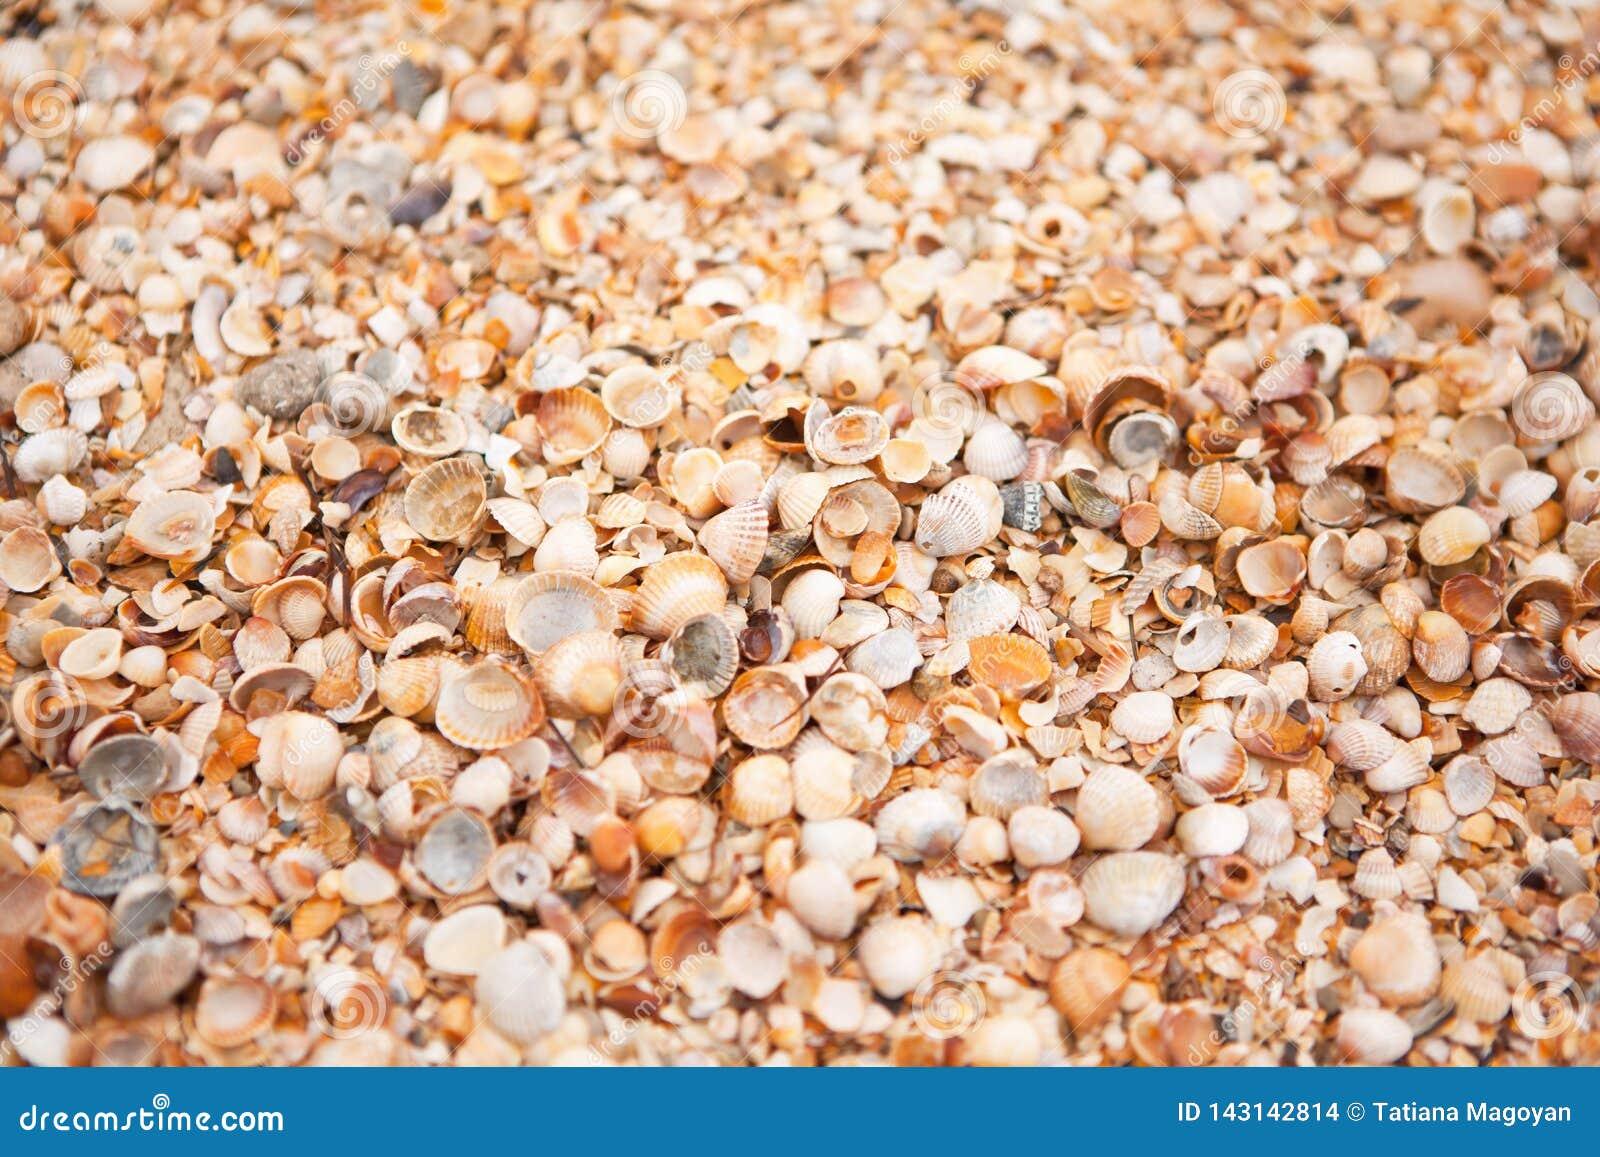 Shell plaży tekstura Pojęcie podróż, czas wolny, relaks Tło z kopii przestrzenią dla projekta mockup, screensaver dla przyrządu